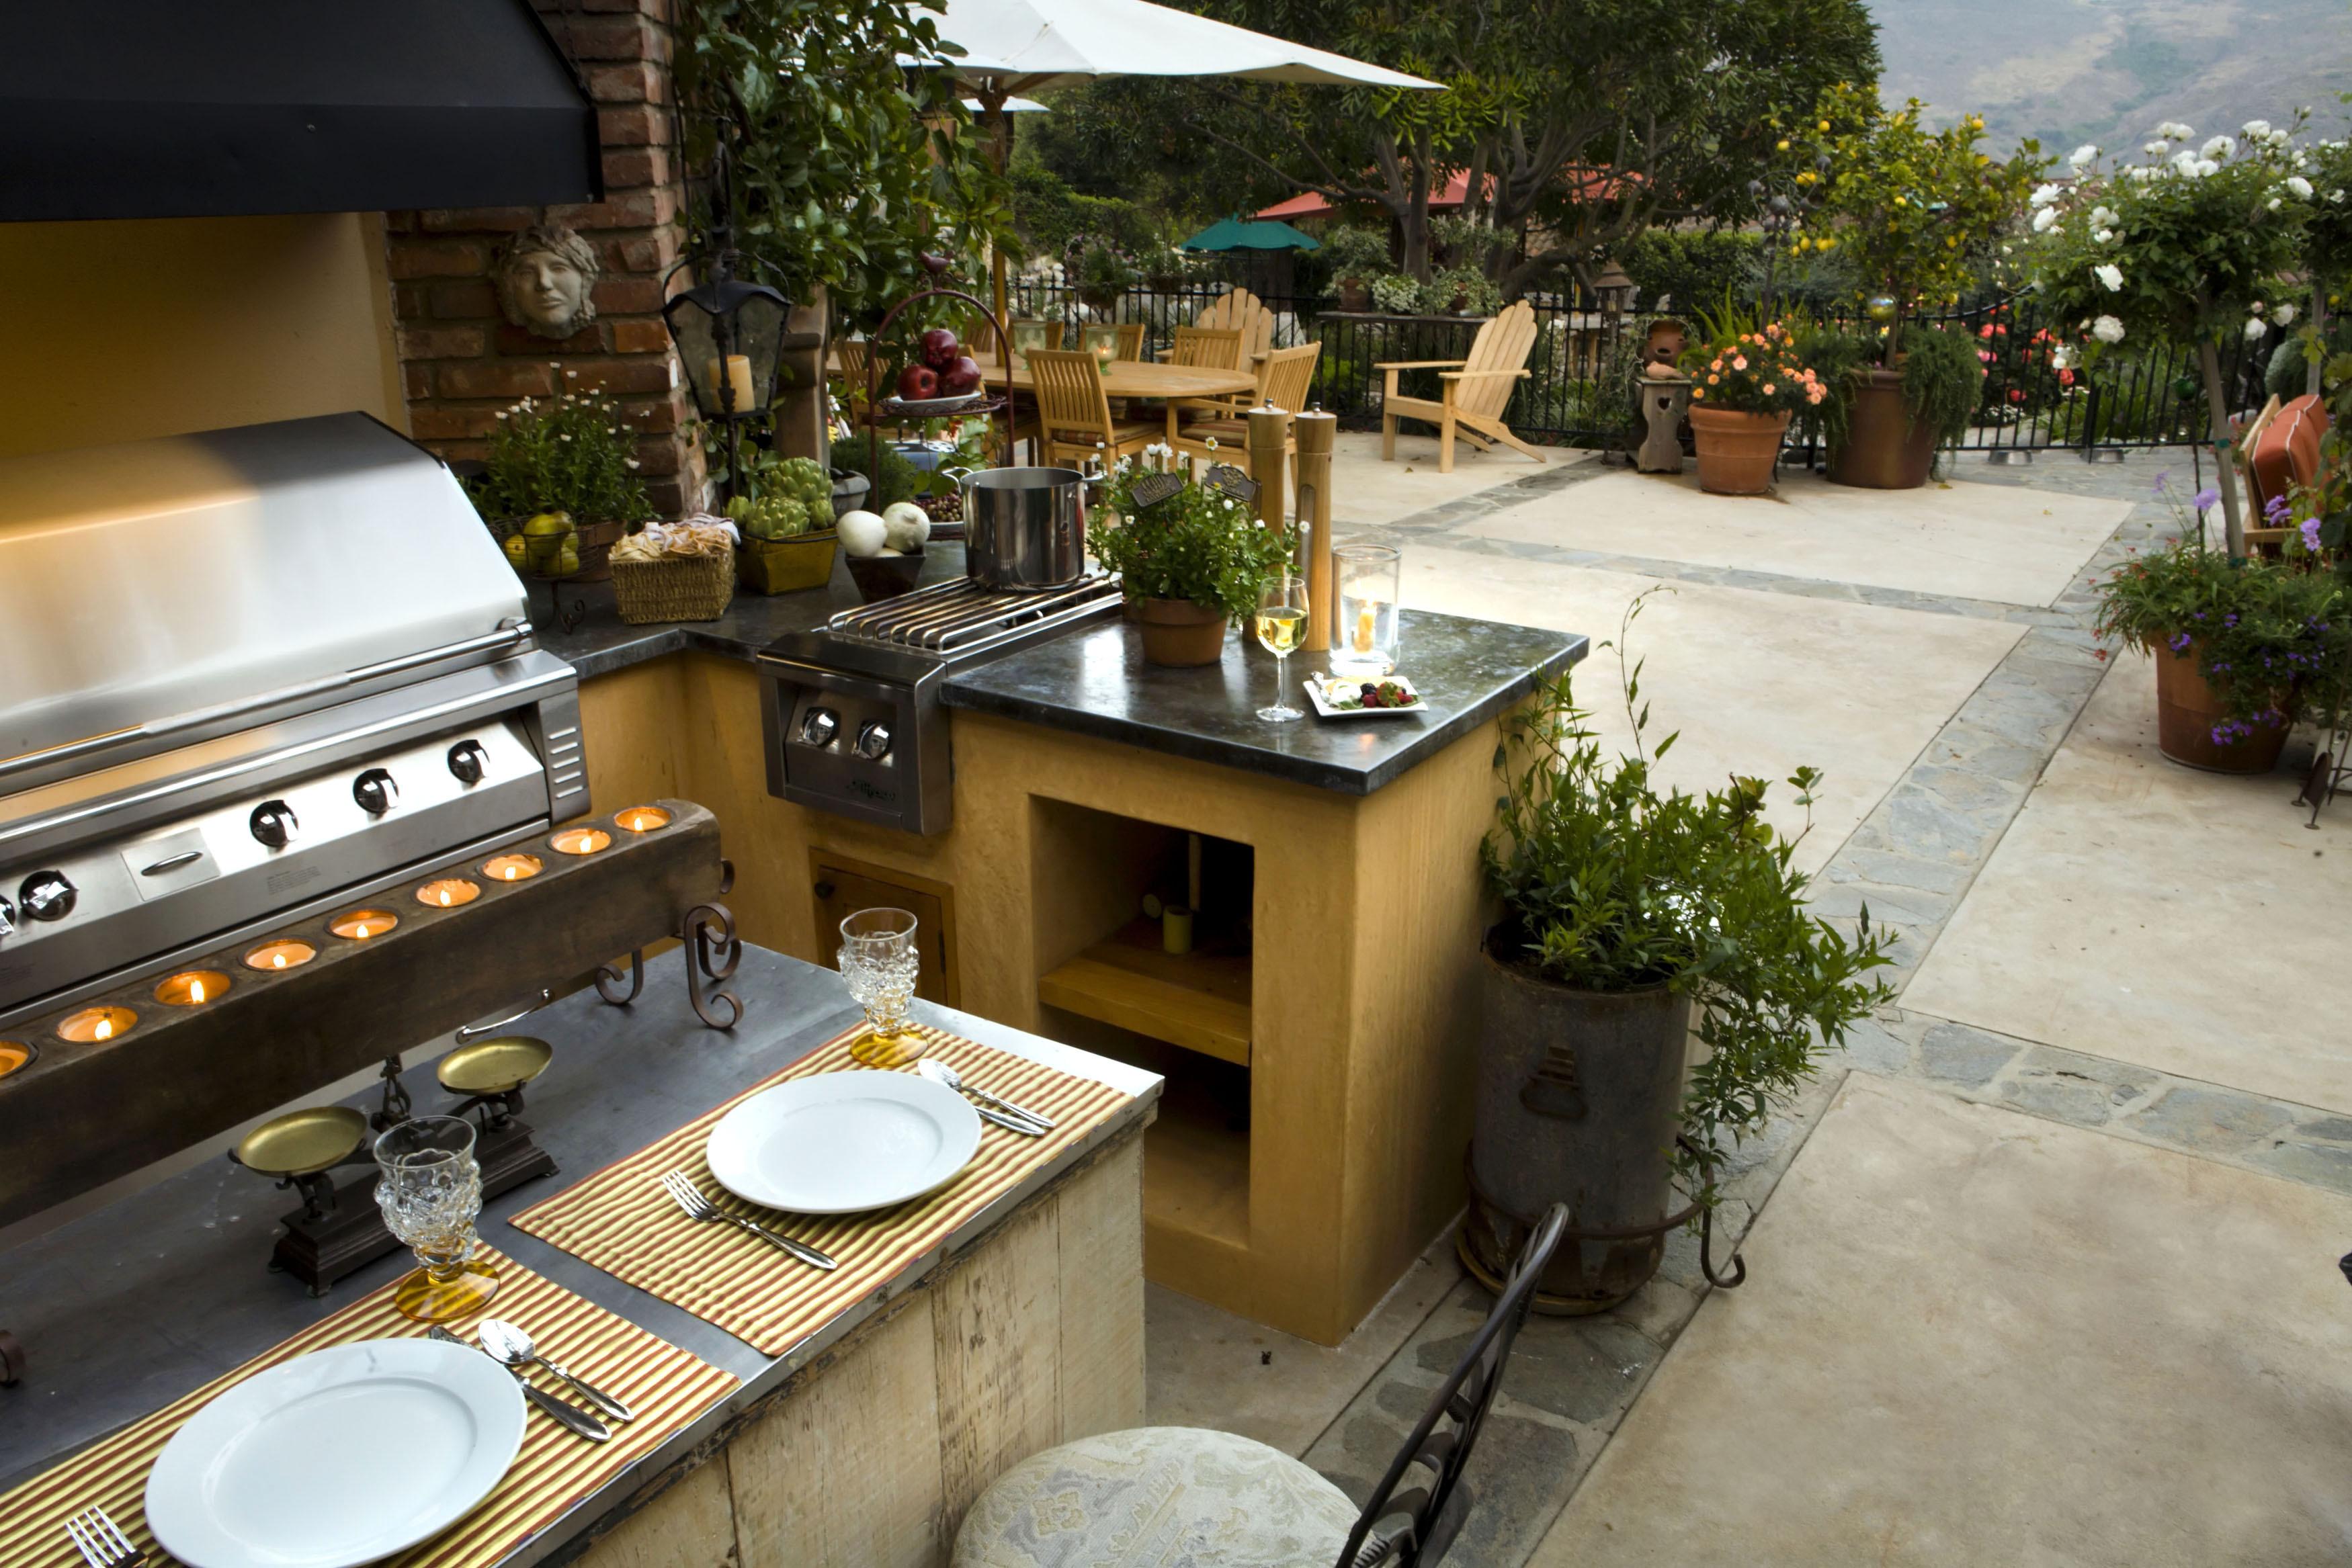 Outdoor Küche Gartenhaus : Xxl outdoorküche aussenküche shop